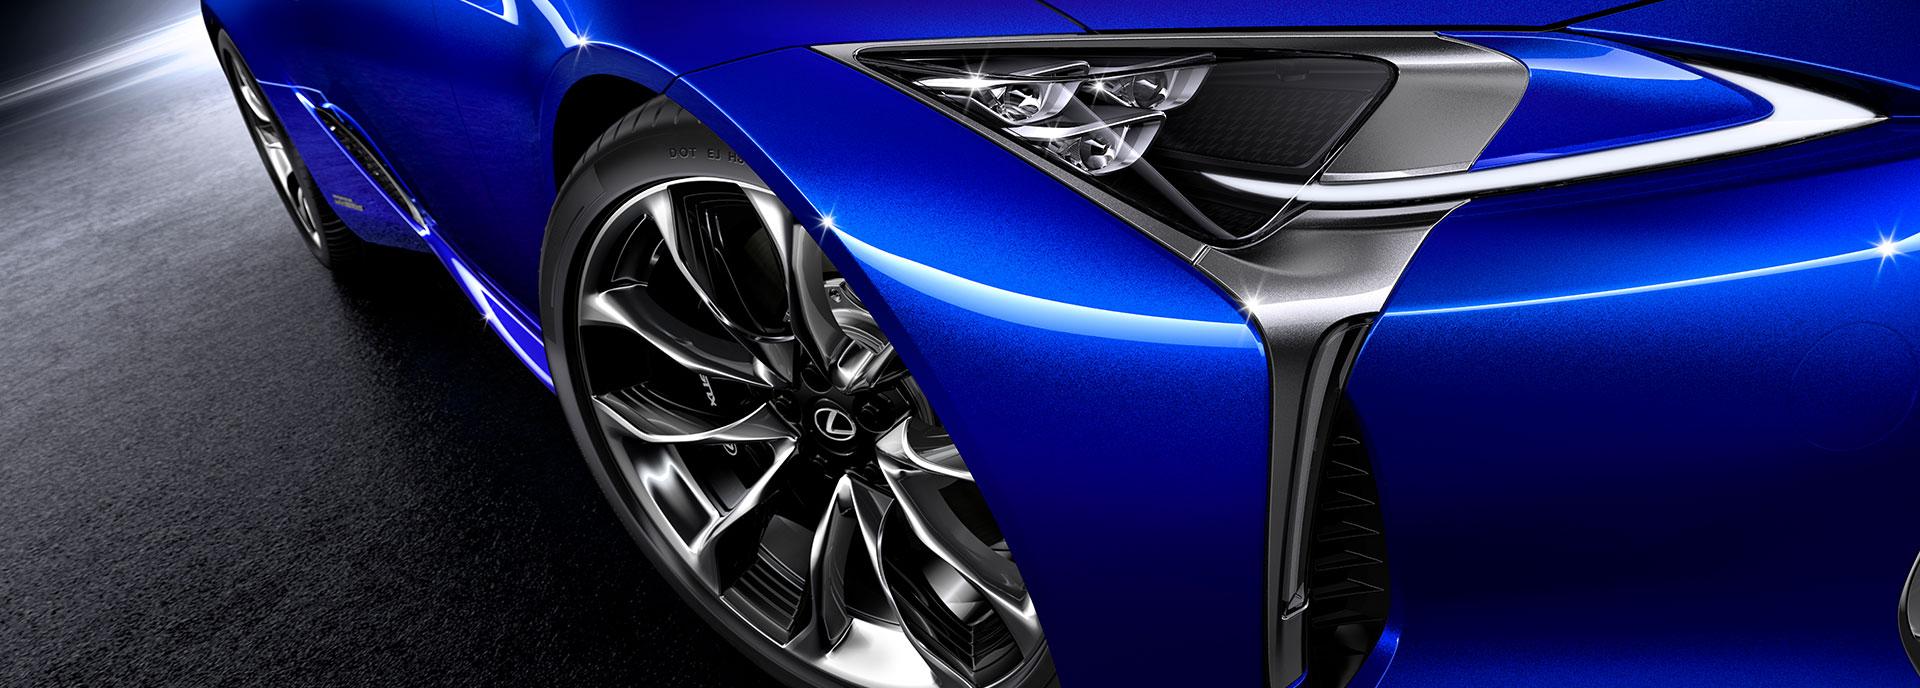 koplamp van een blauwe Lexus LC 500h